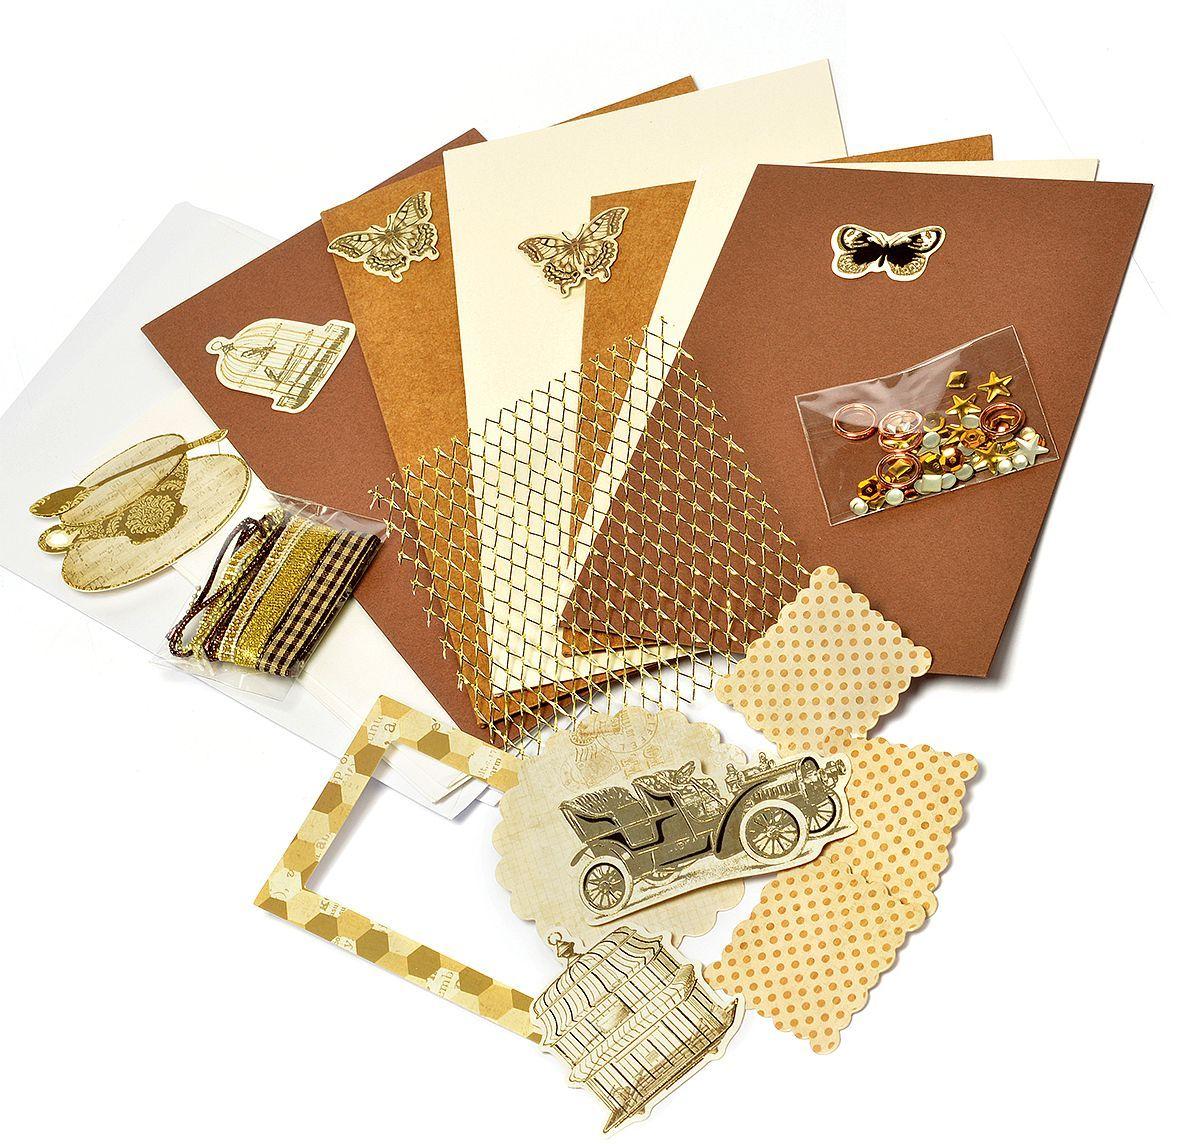 Набор для создания открыток Magic 4 Hobby, 11,5 x 17 см, 11,5 x 21 см. MG.DIY-6B.3 набор для создания 3 х открыток сувенир